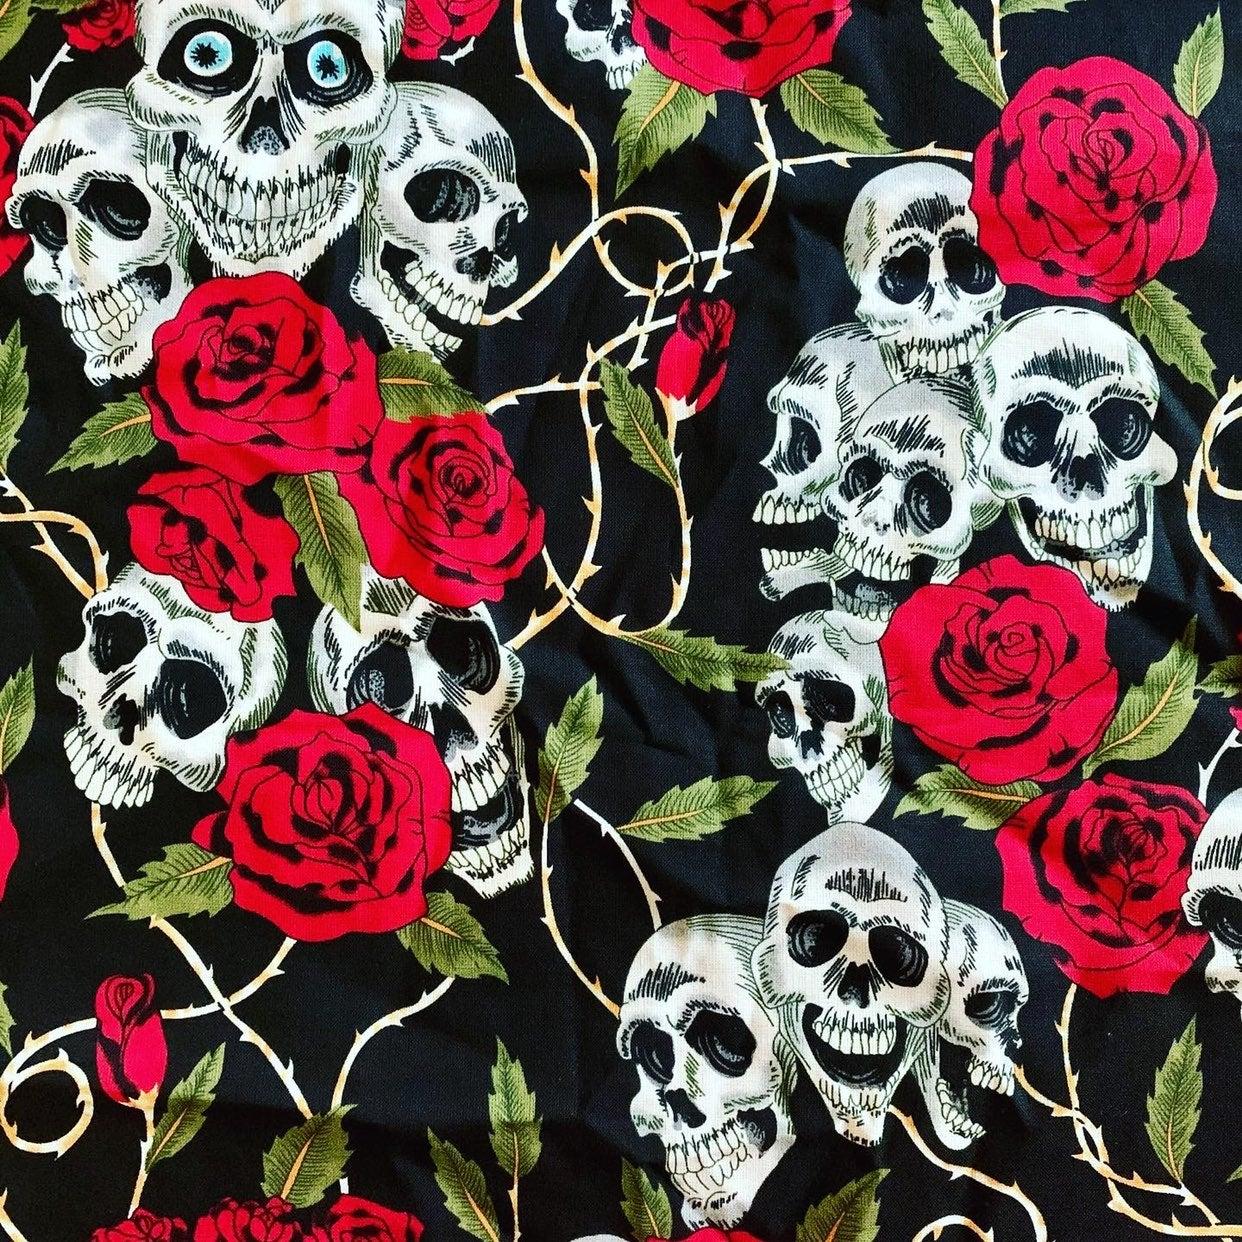 Skull & Roses Mask